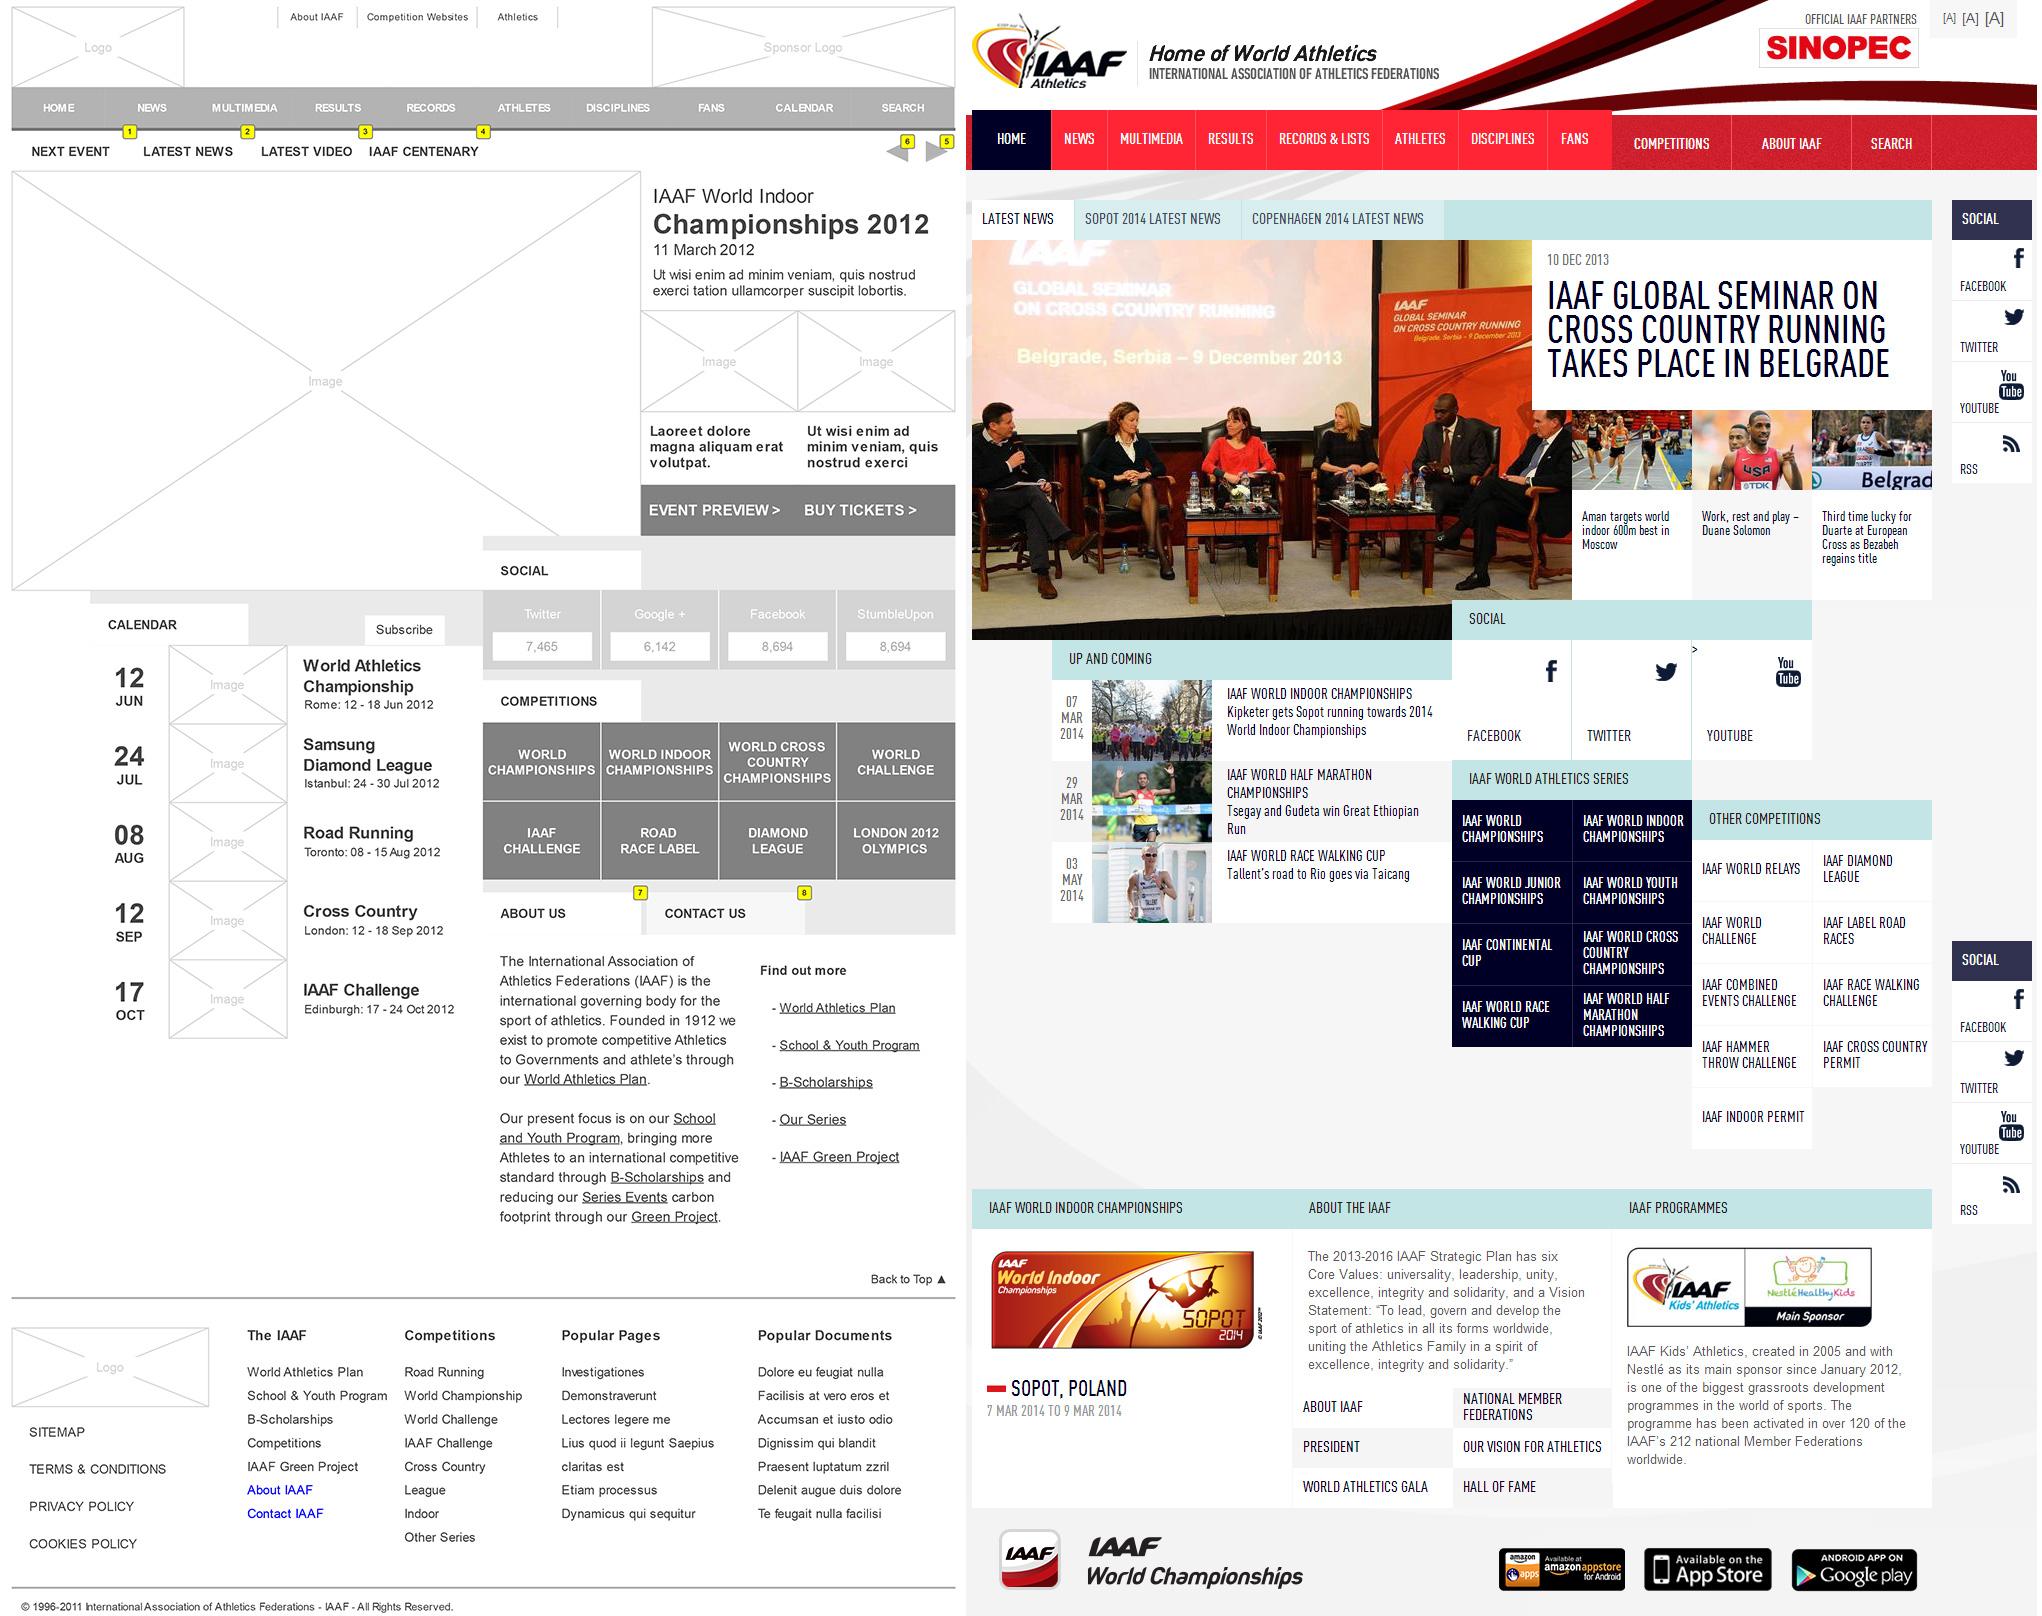 IAAF Website